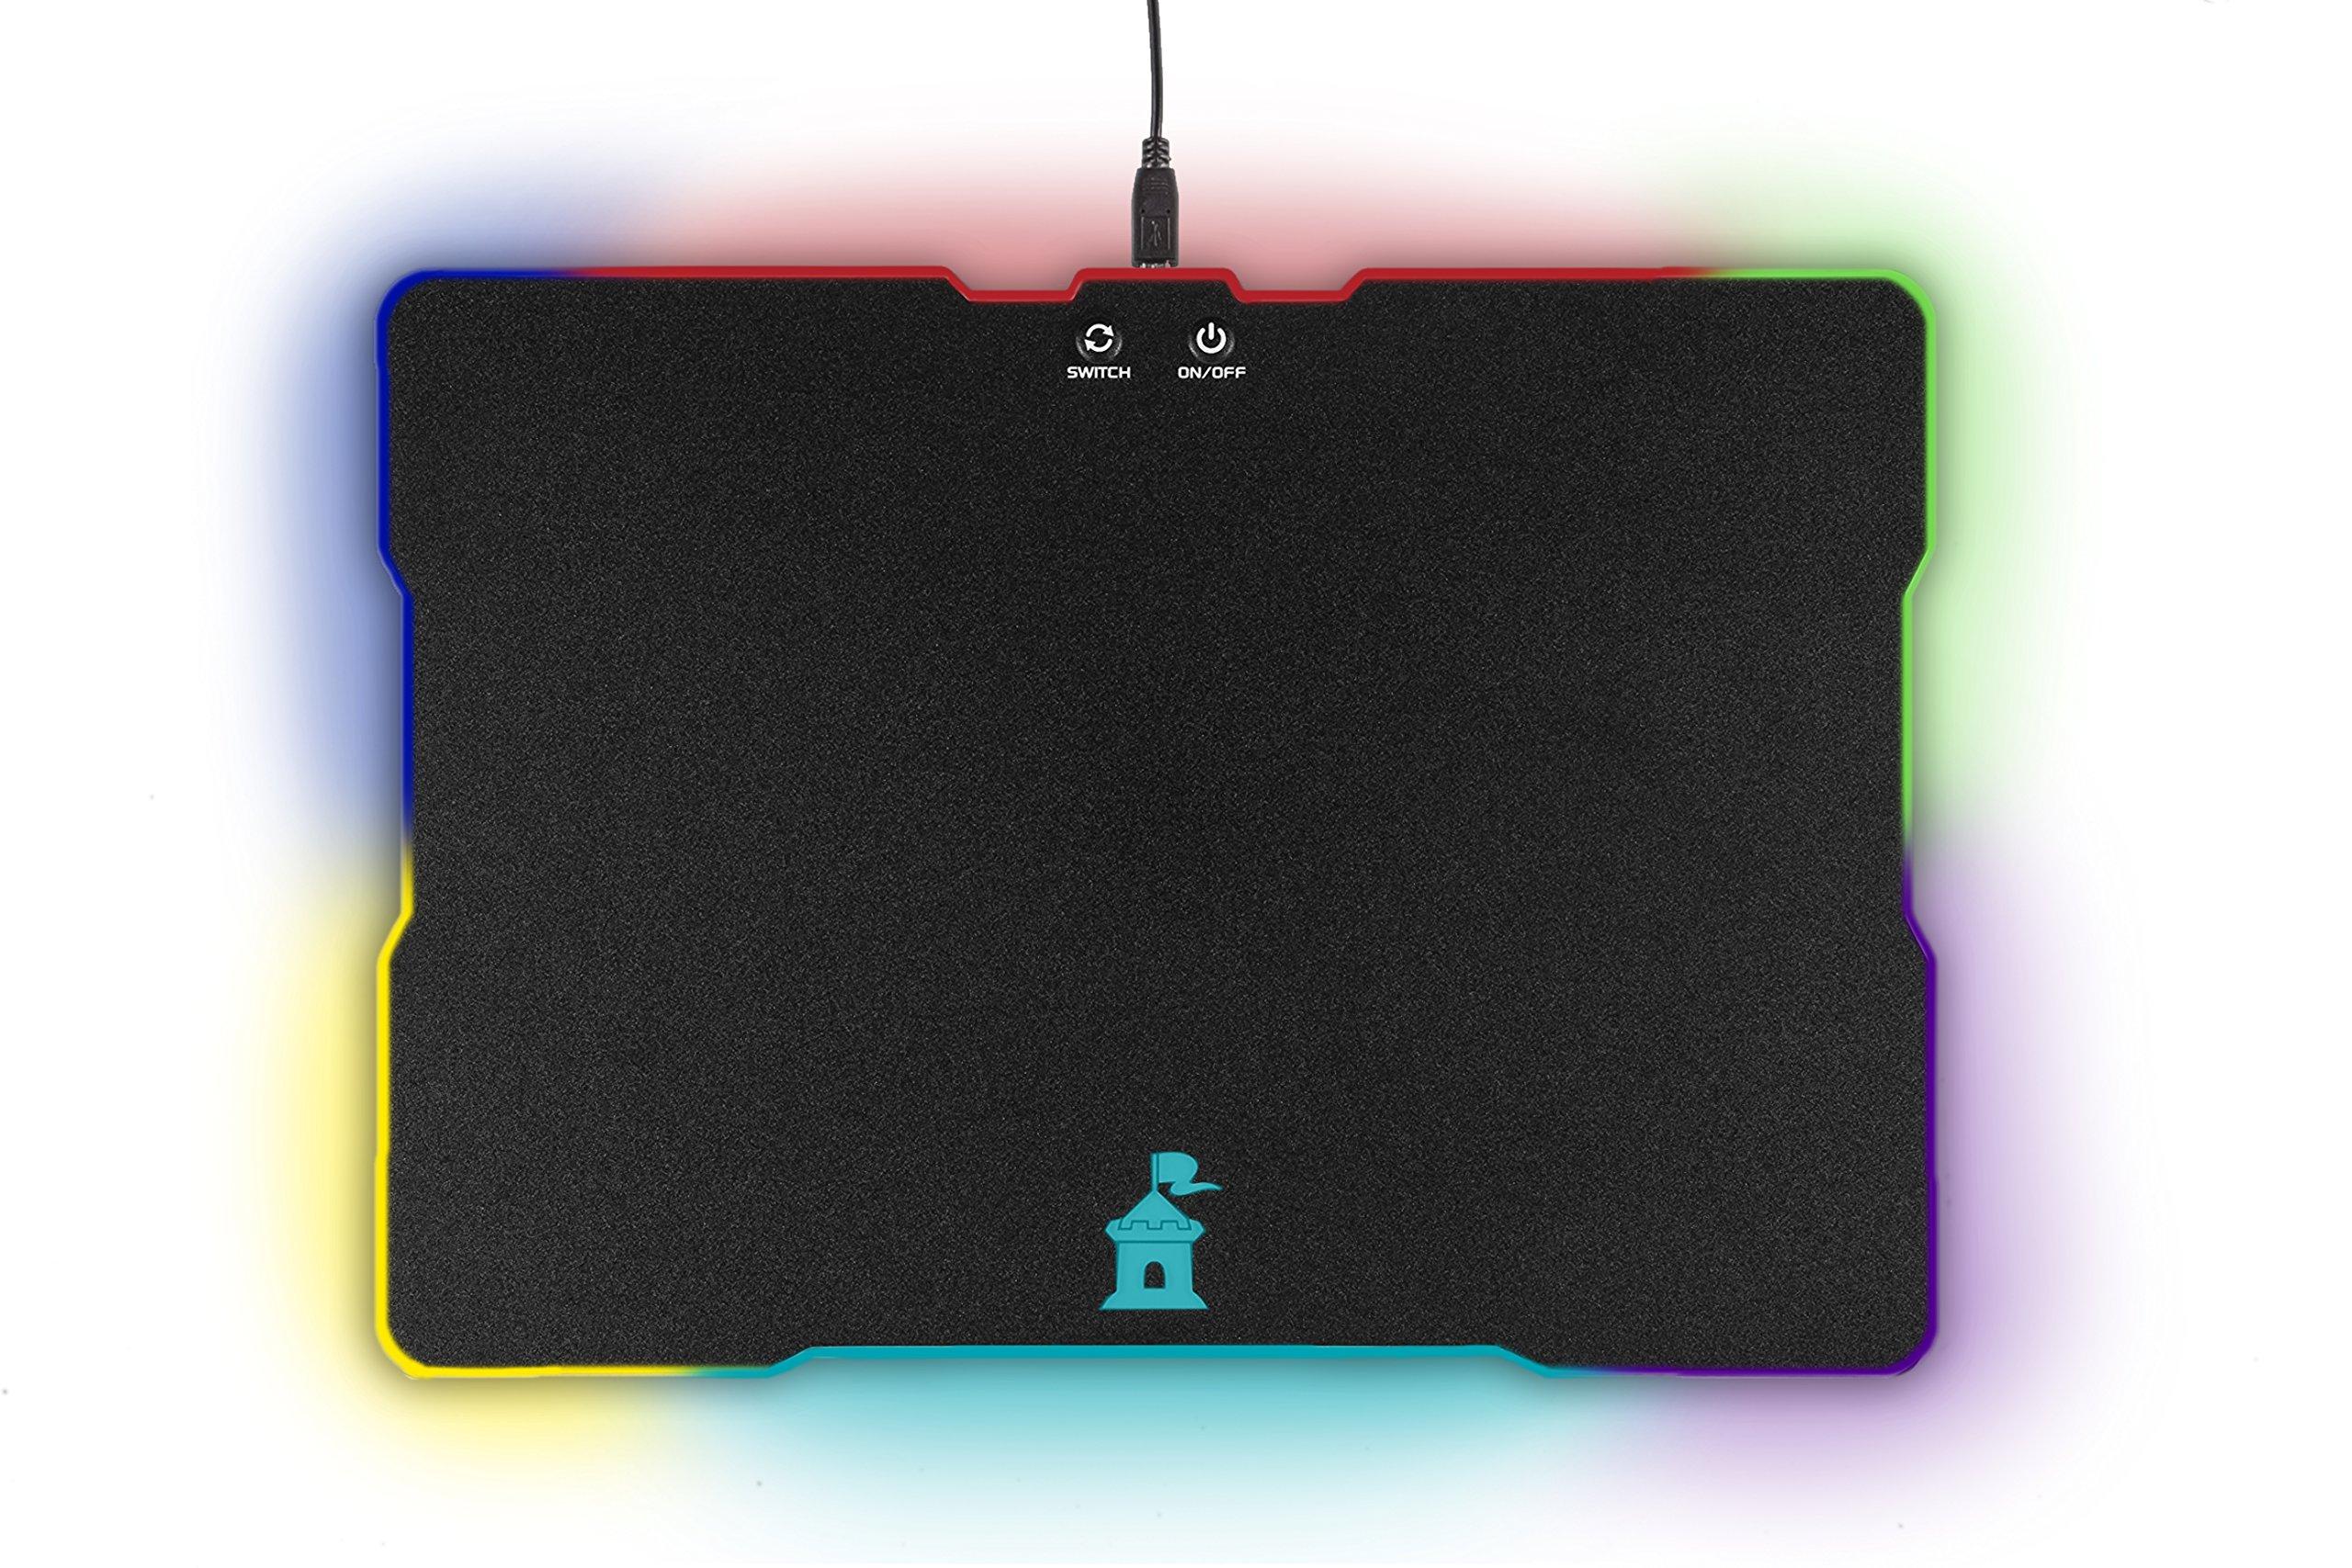 Moat 鼠标垫 LED 照明效果 - 大速表面带背光周边和游戏标志 - 硬质鼠标垫适合所有电脑鼠标敏感度和传感器